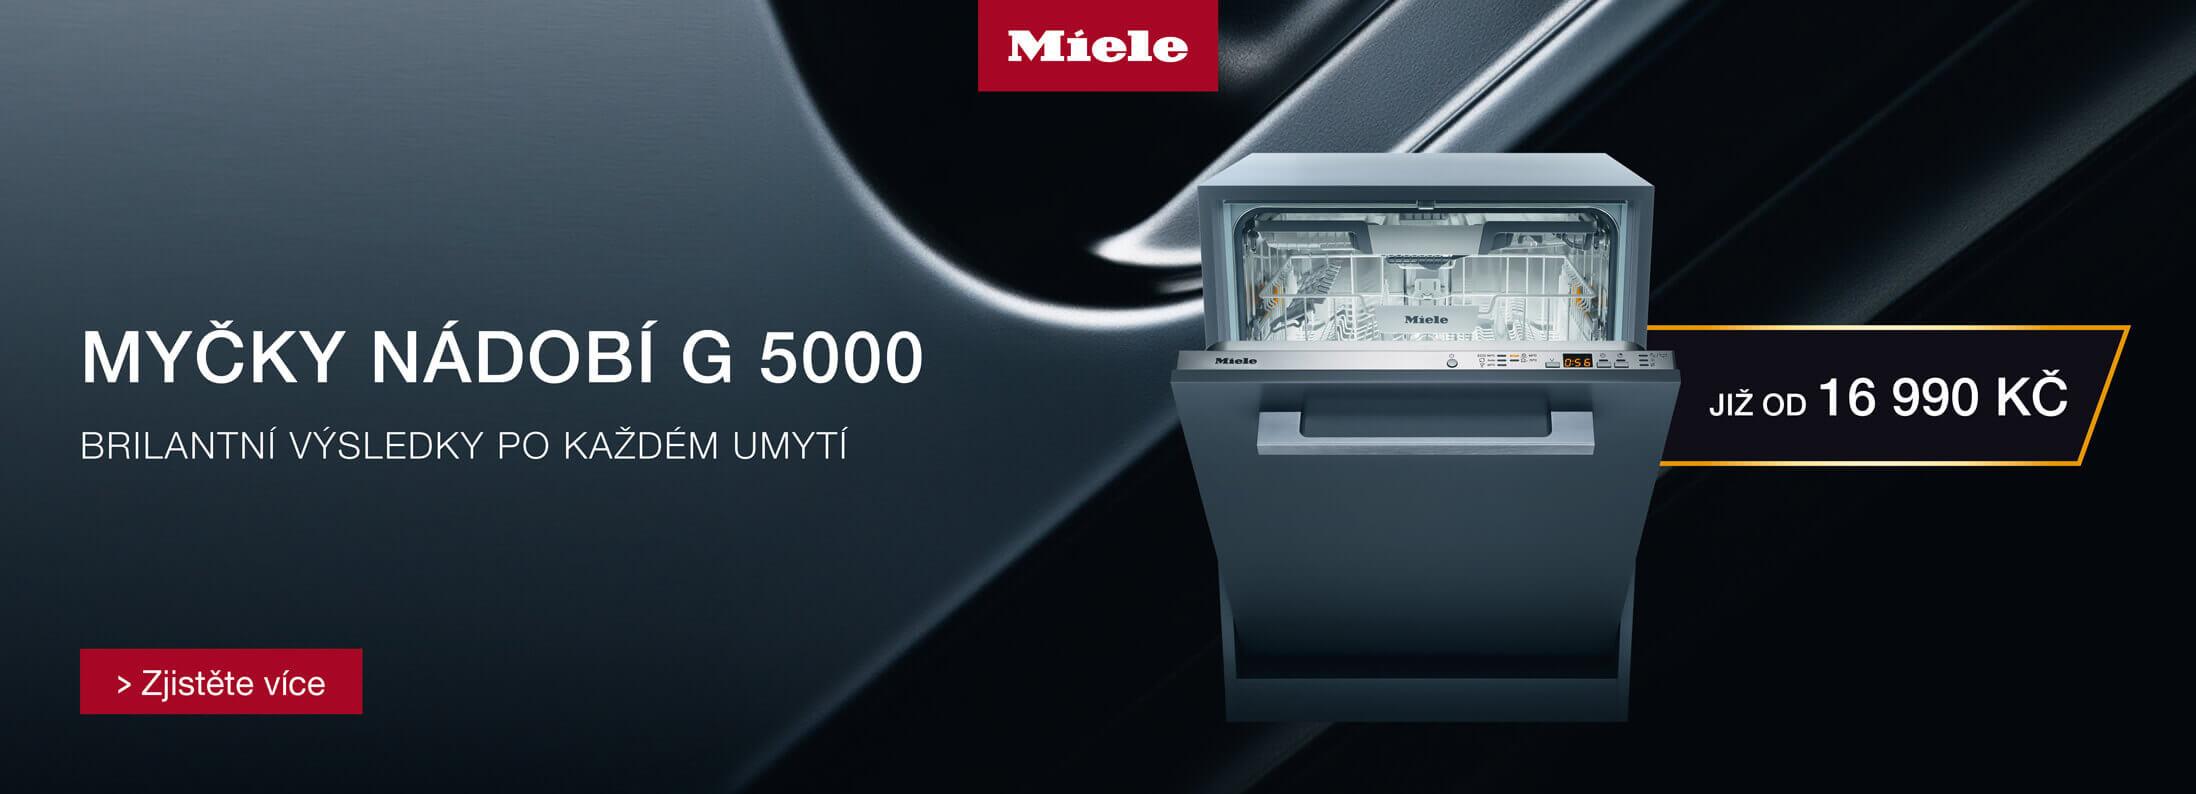 Myčky nádobí Miele G 5000